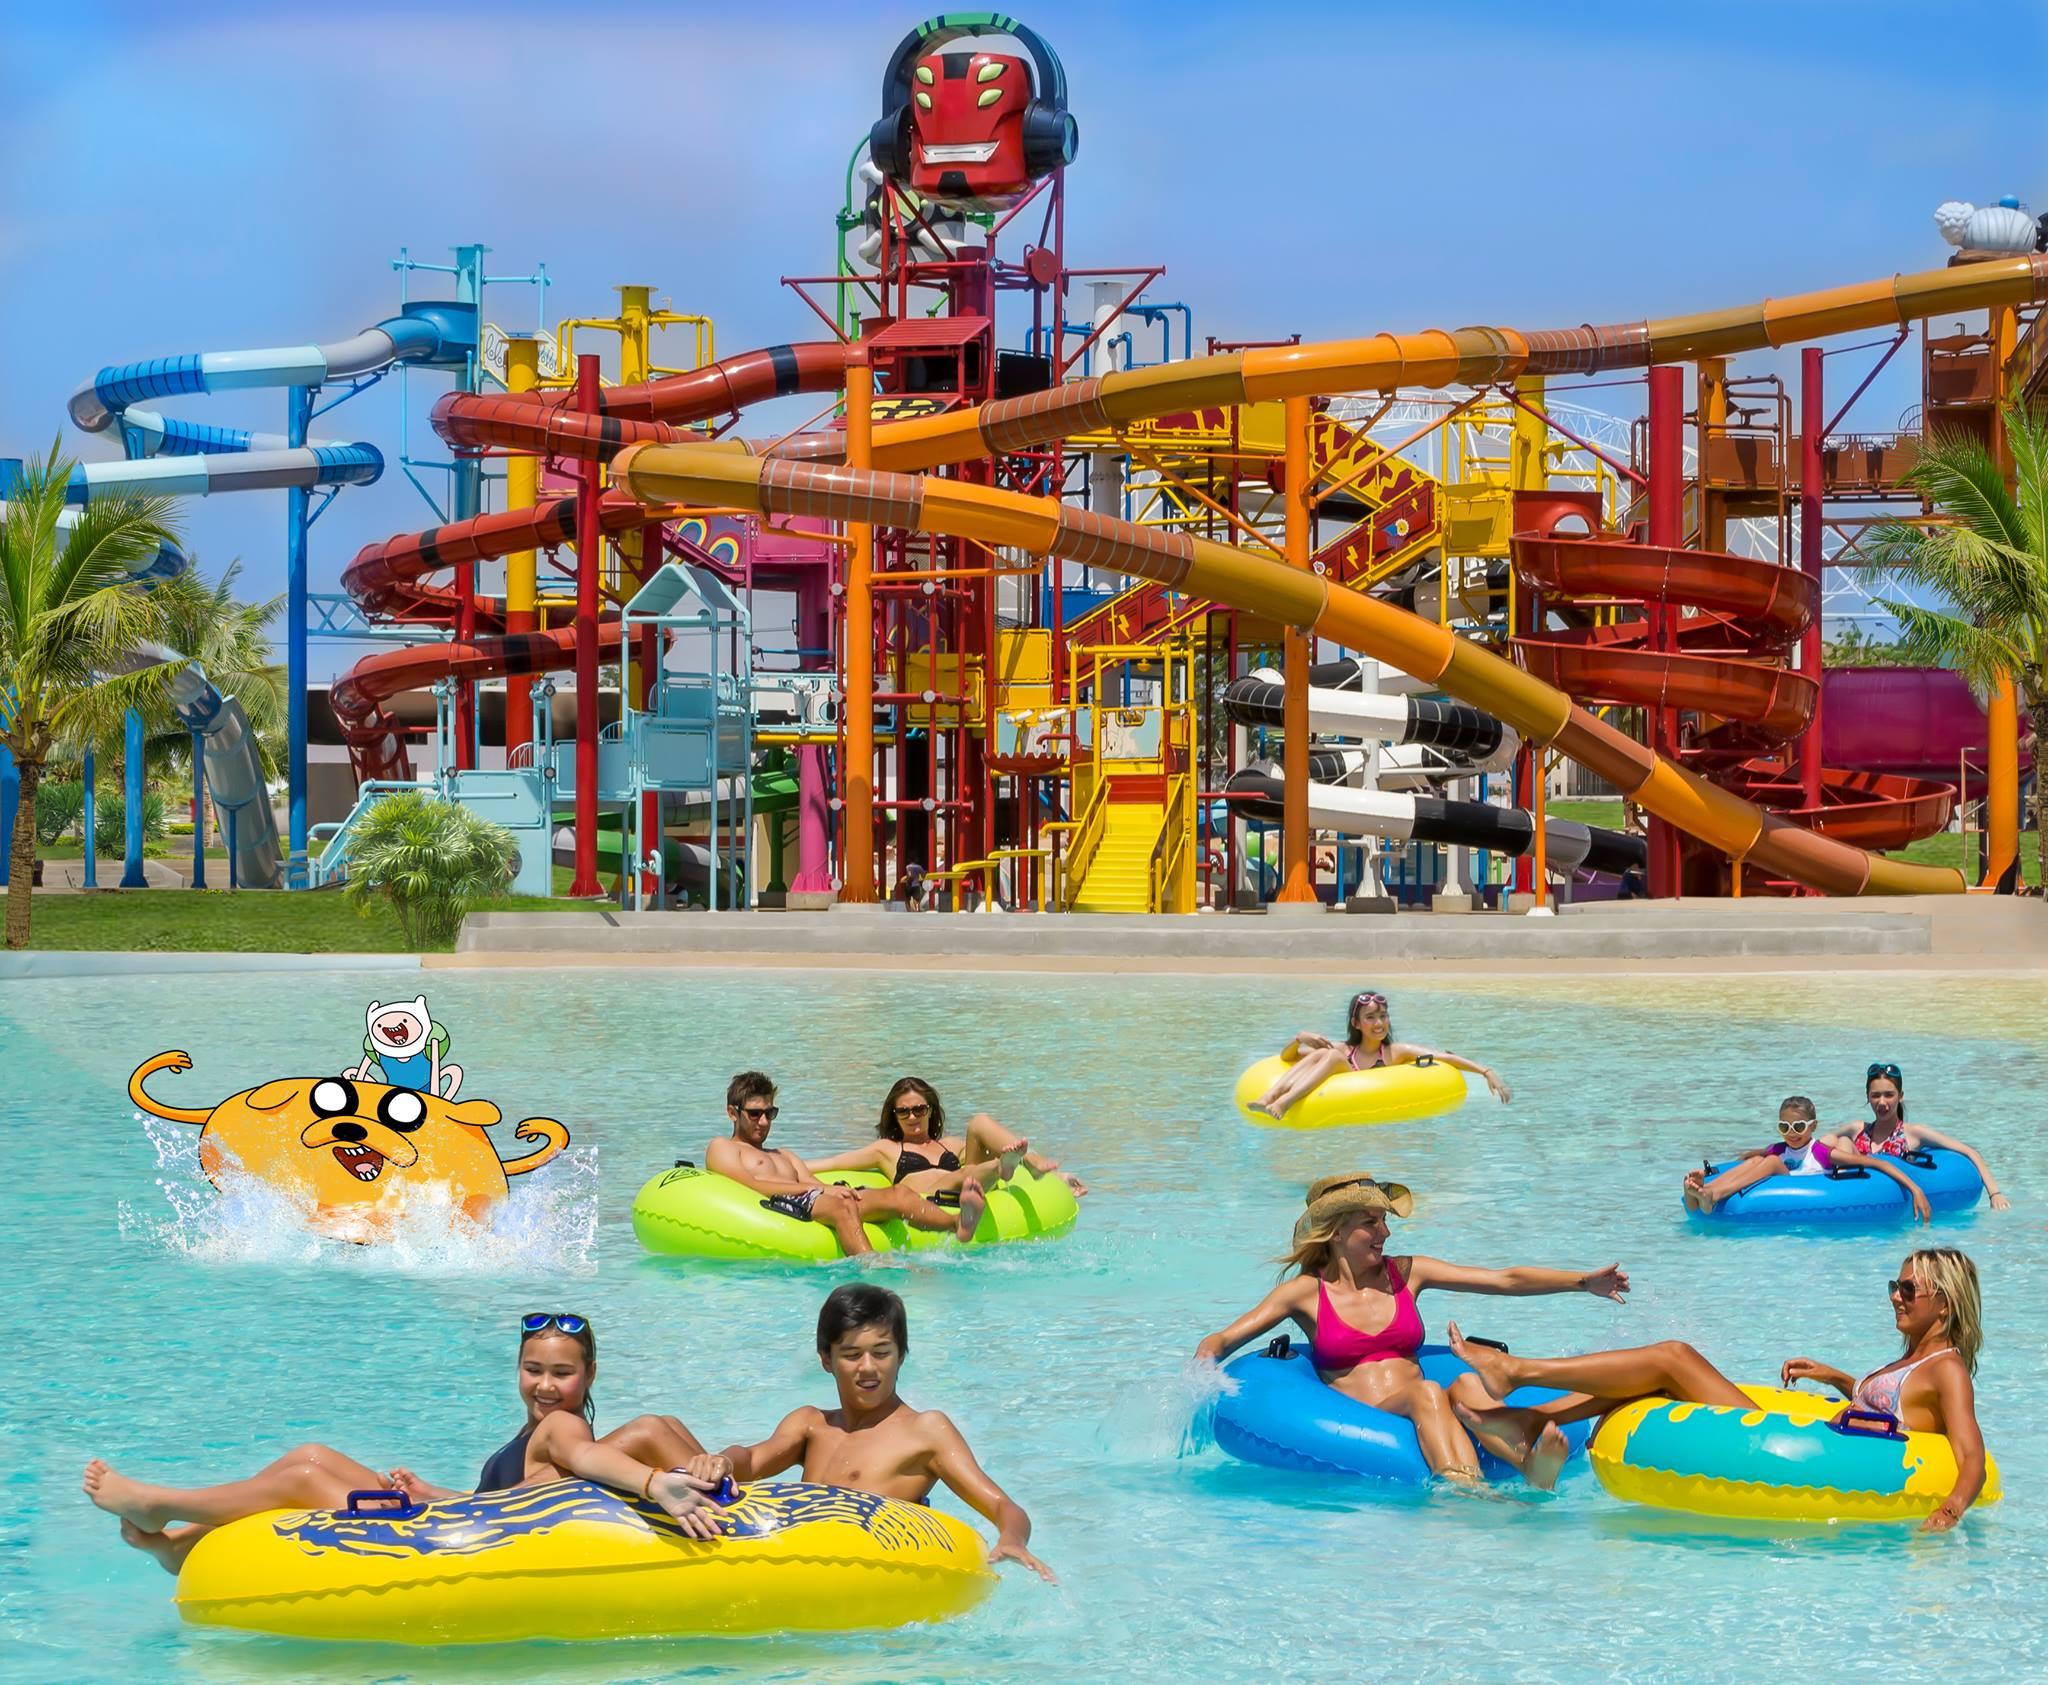 สวนน้ำในไทย: สวนน้ำ Cartoon Network AMAZONE